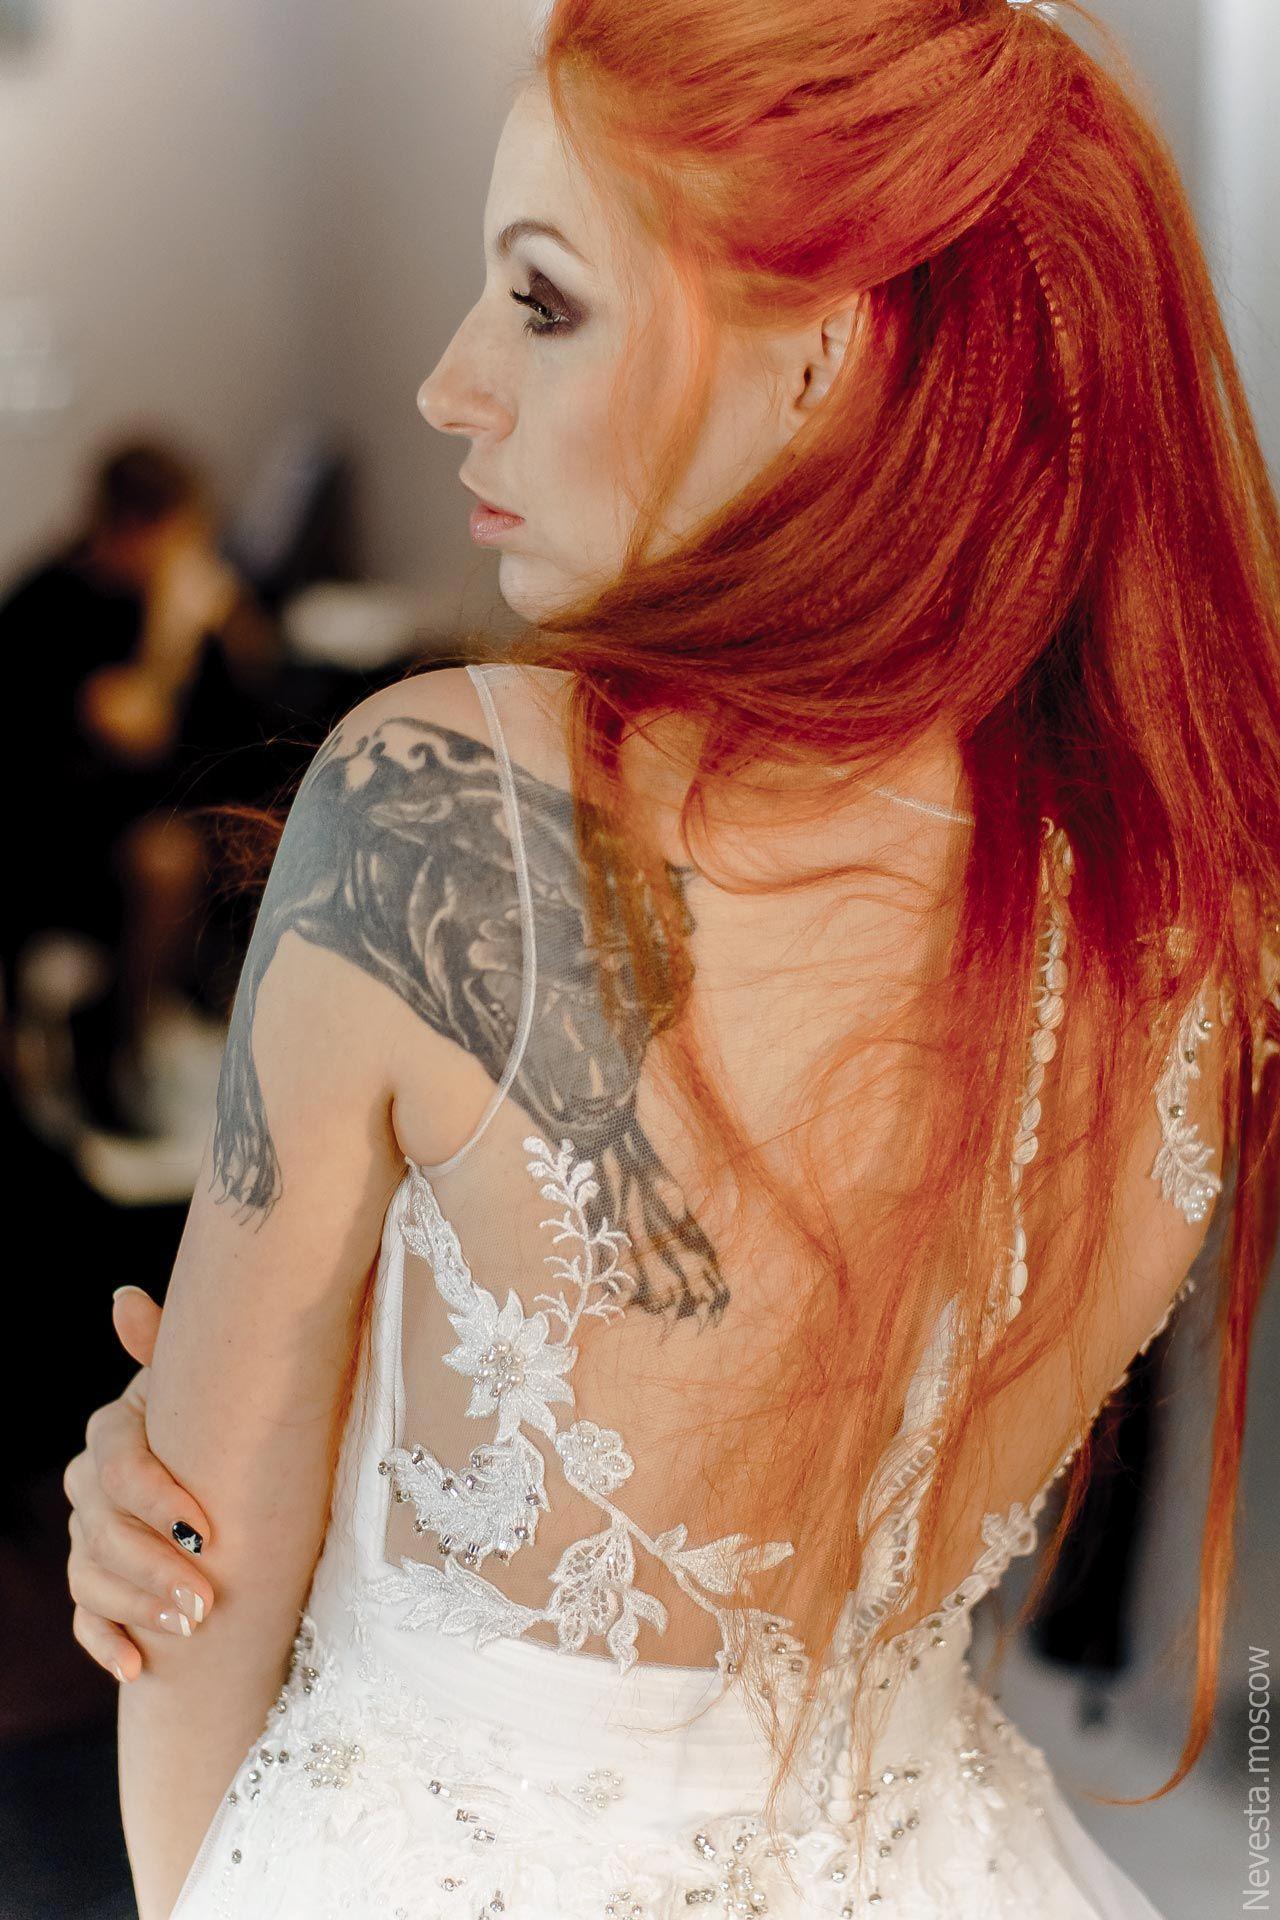 Солистка группы «Чи-Ли» Ирина Забияка примеряет платье, фото 10